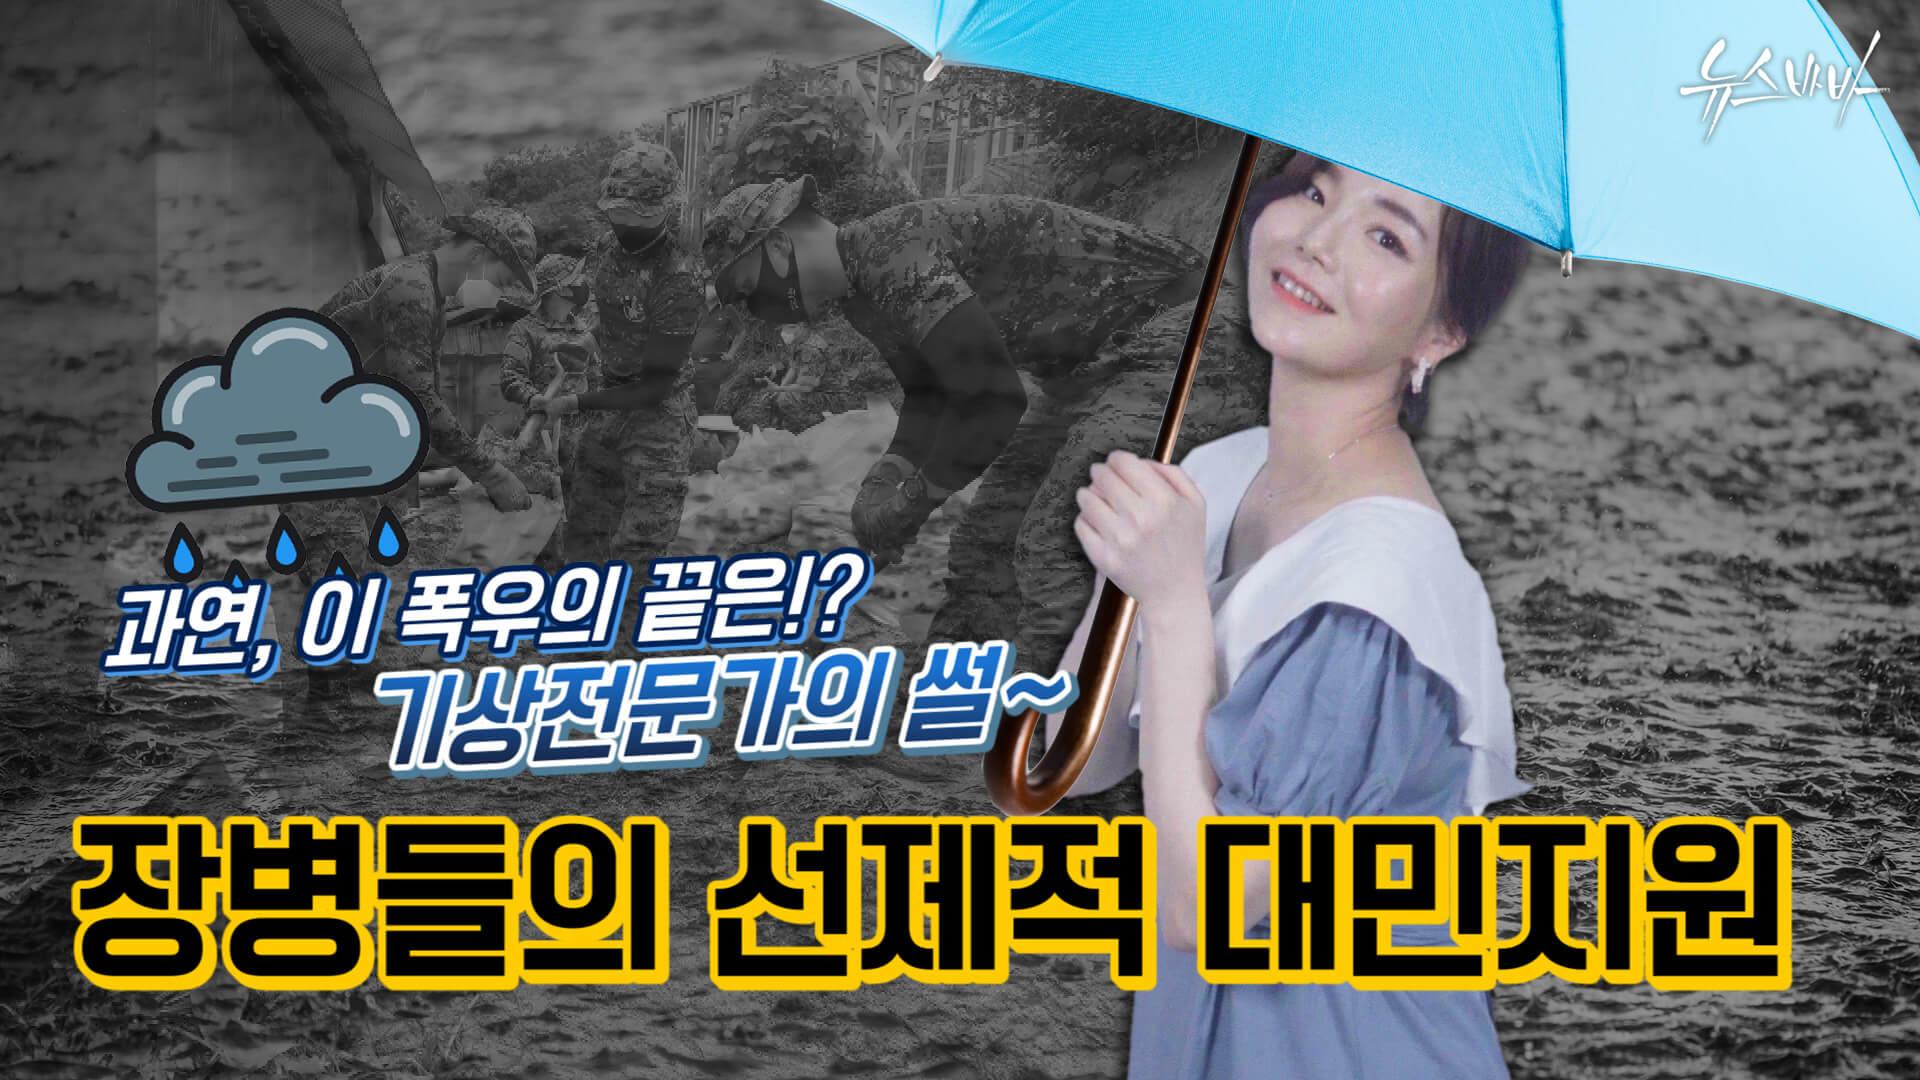 [뉴스바바] 이 폭우의 끝은!? 기